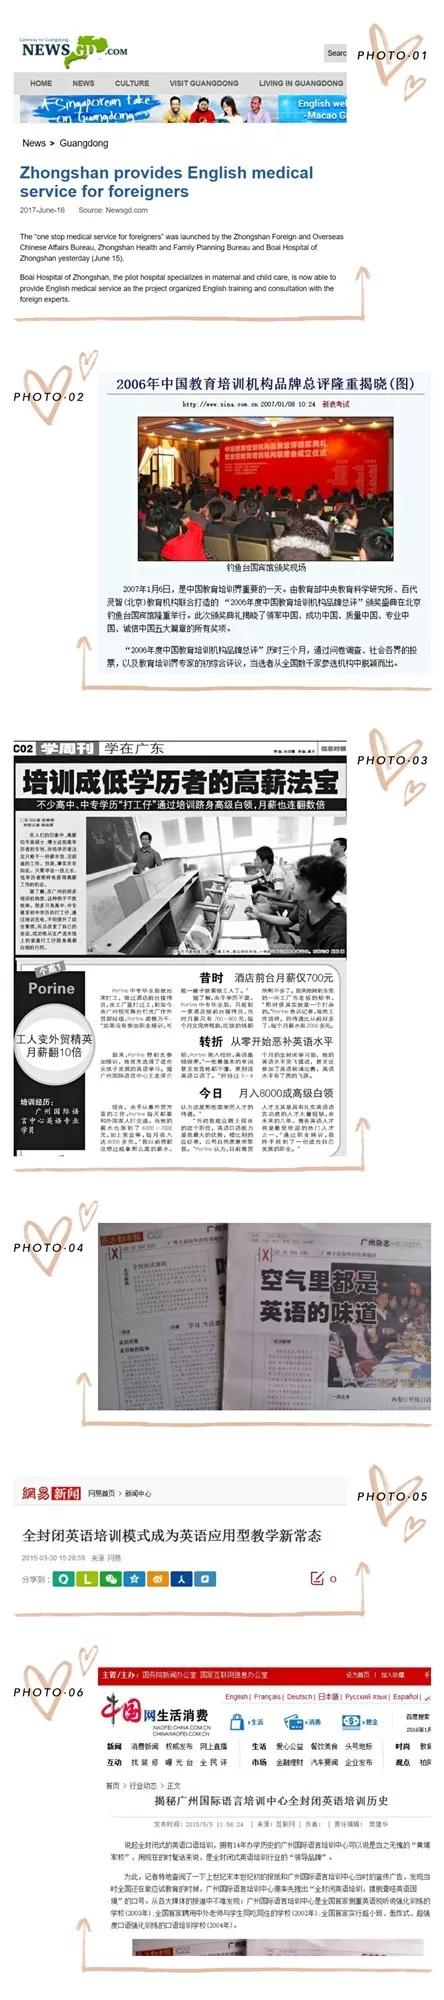 ILC广州国际语言培训中心全封闭式英语培训成果媒体采访报道文章